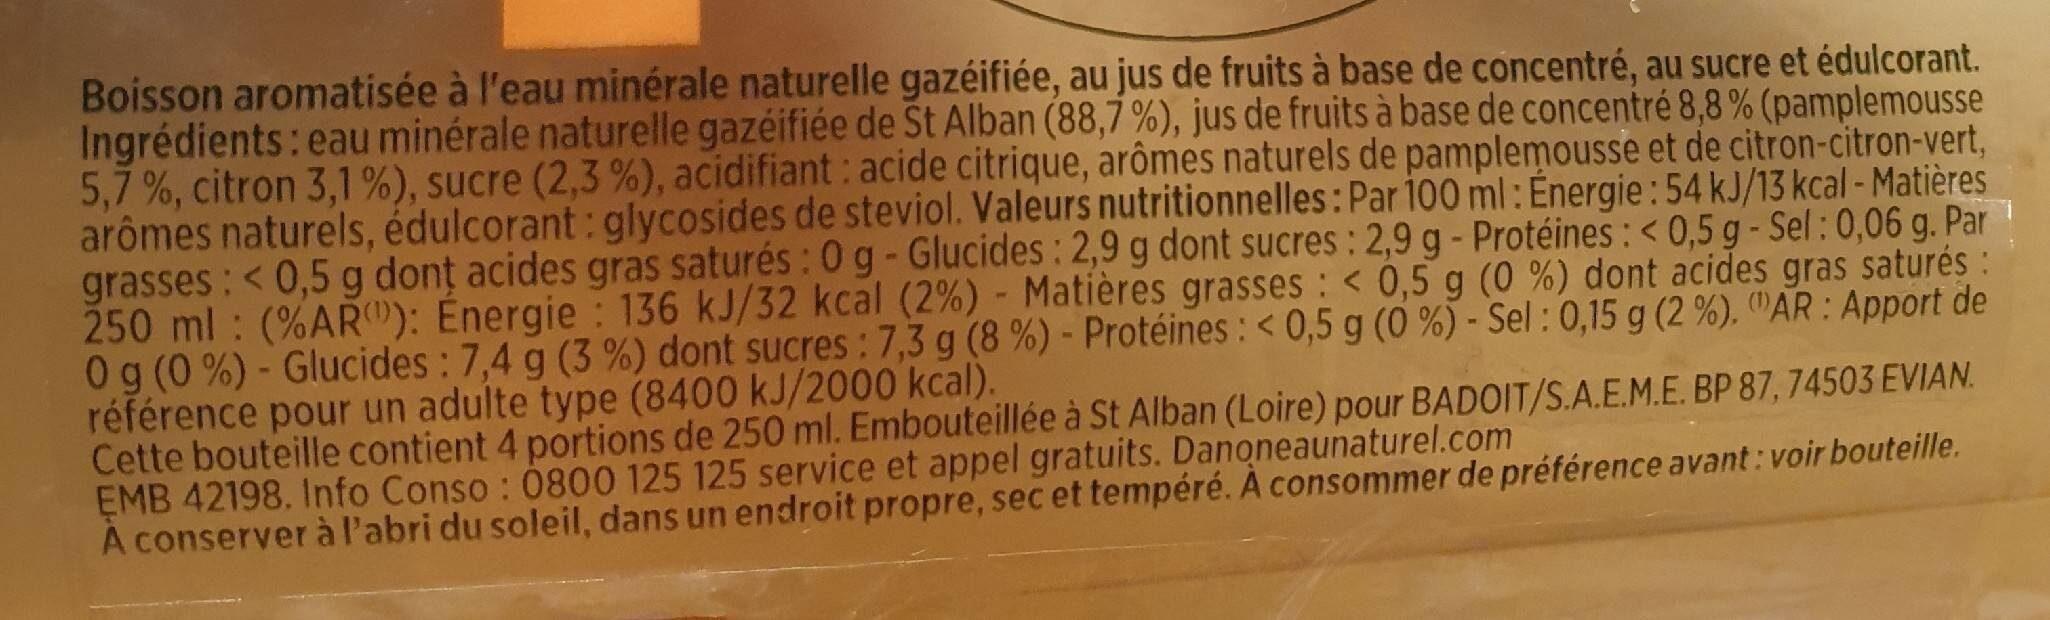 Bulle de fruits - Nutrition facts - fr